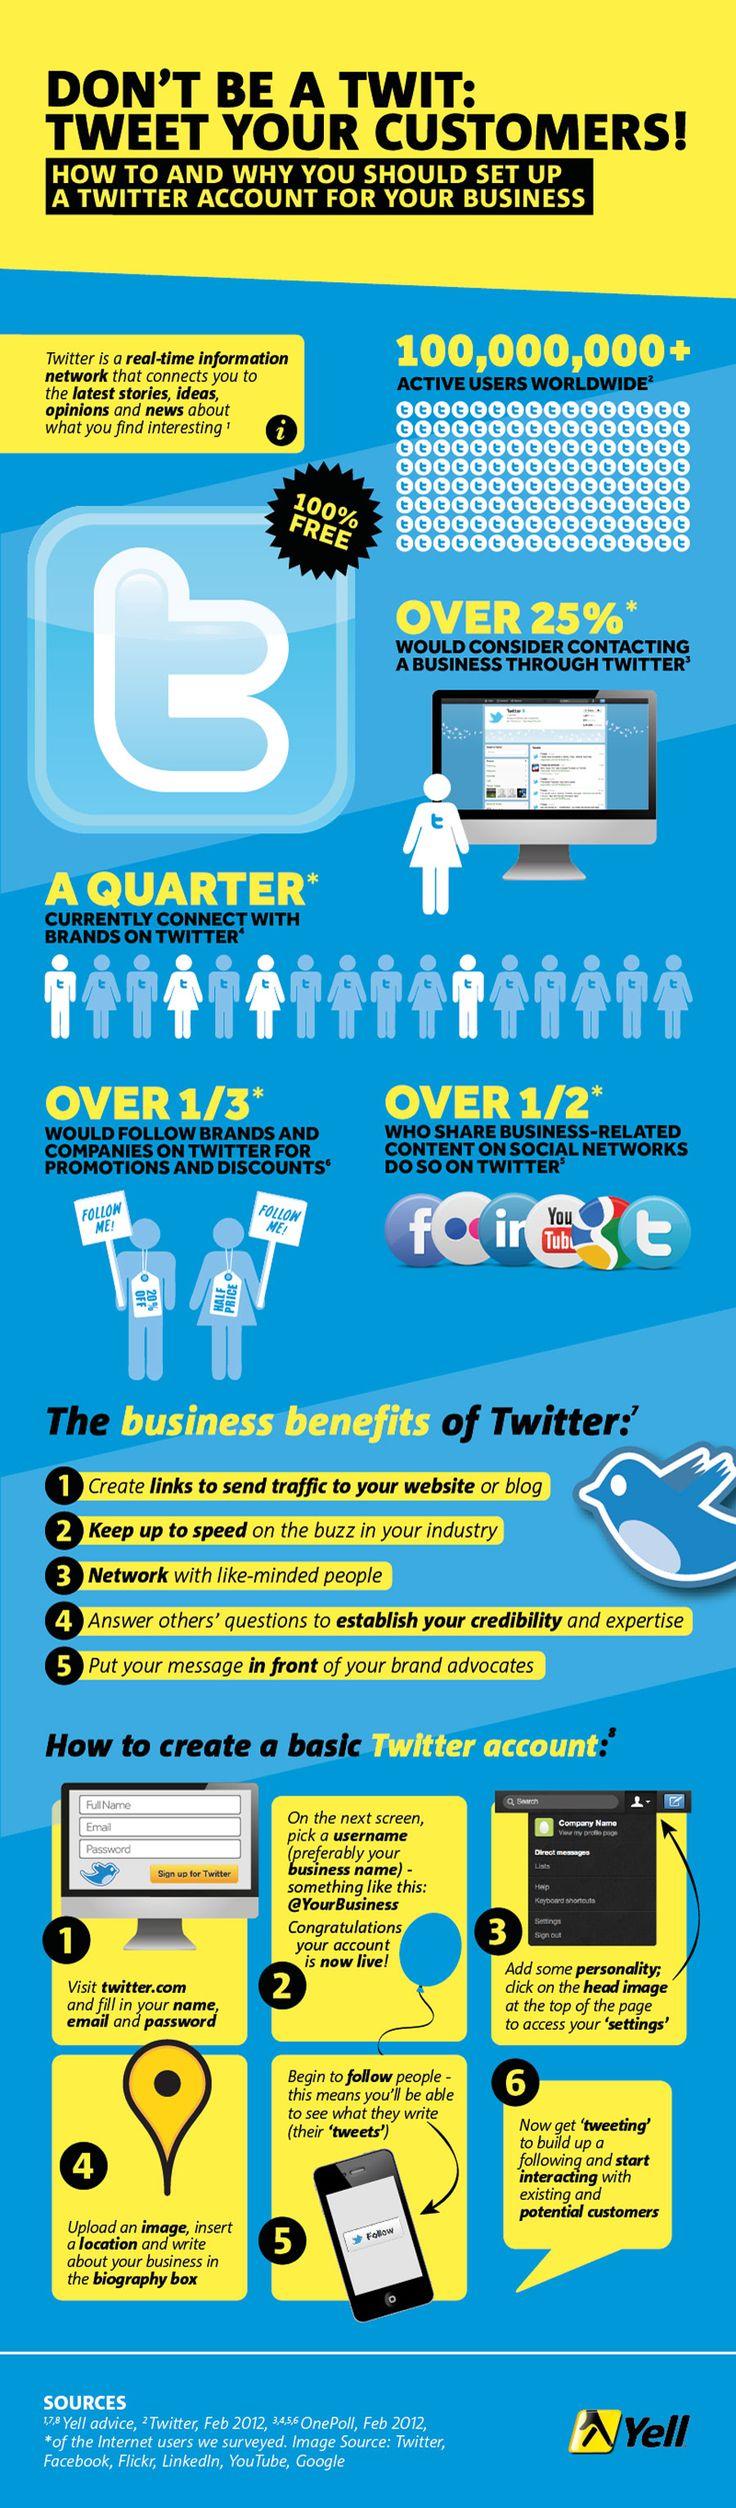 The Business Benefits Of Twitt